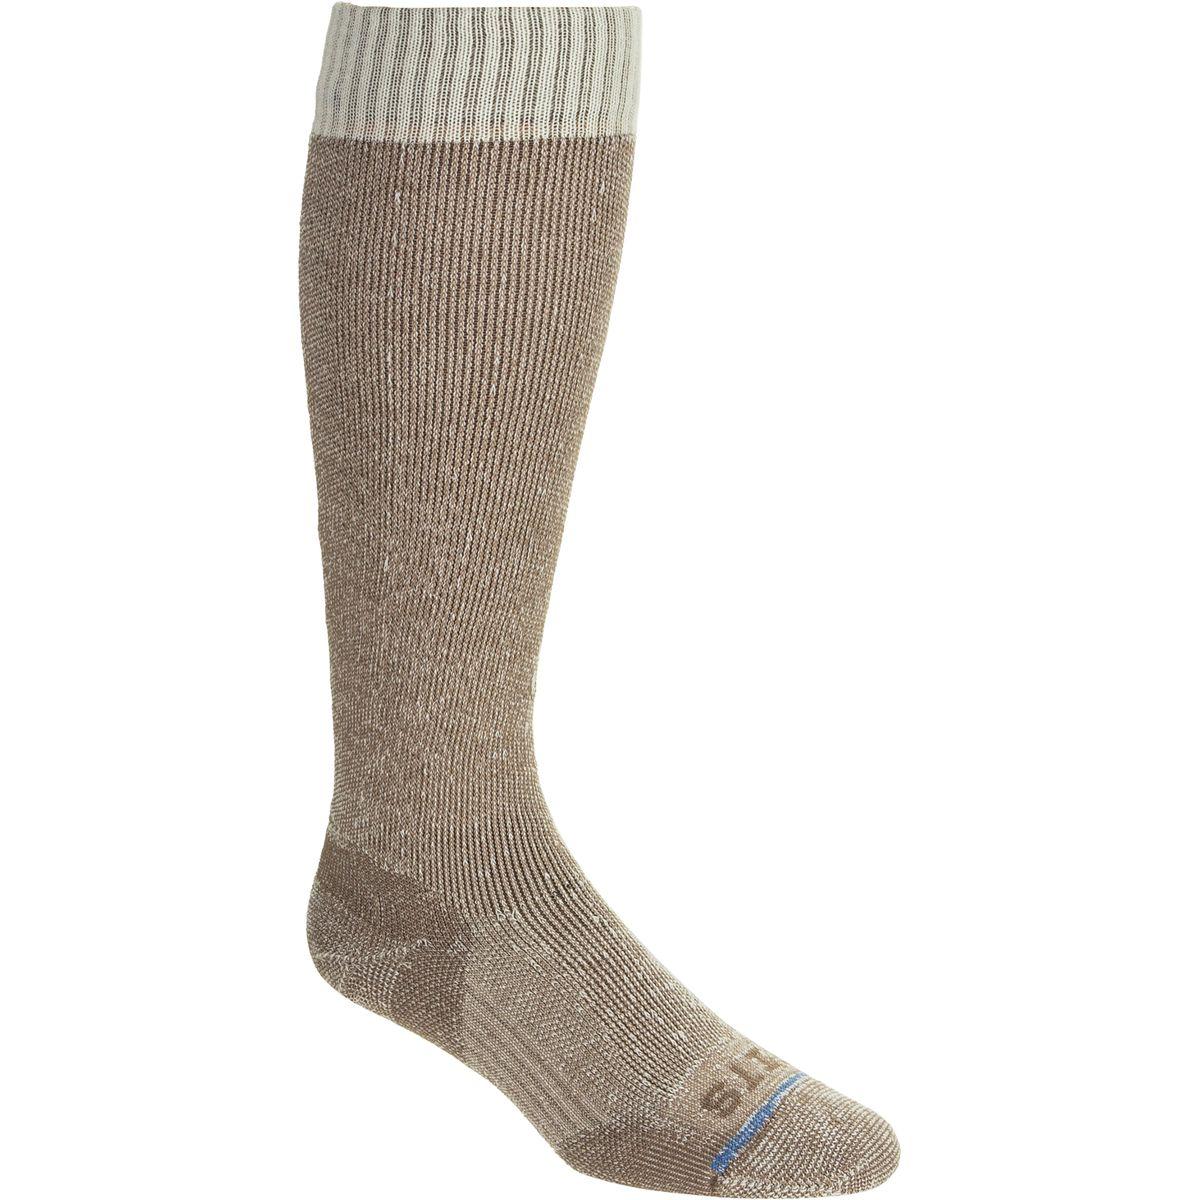 photo: FITS Sock Medium Rugged OTC hiking/backpacking sock